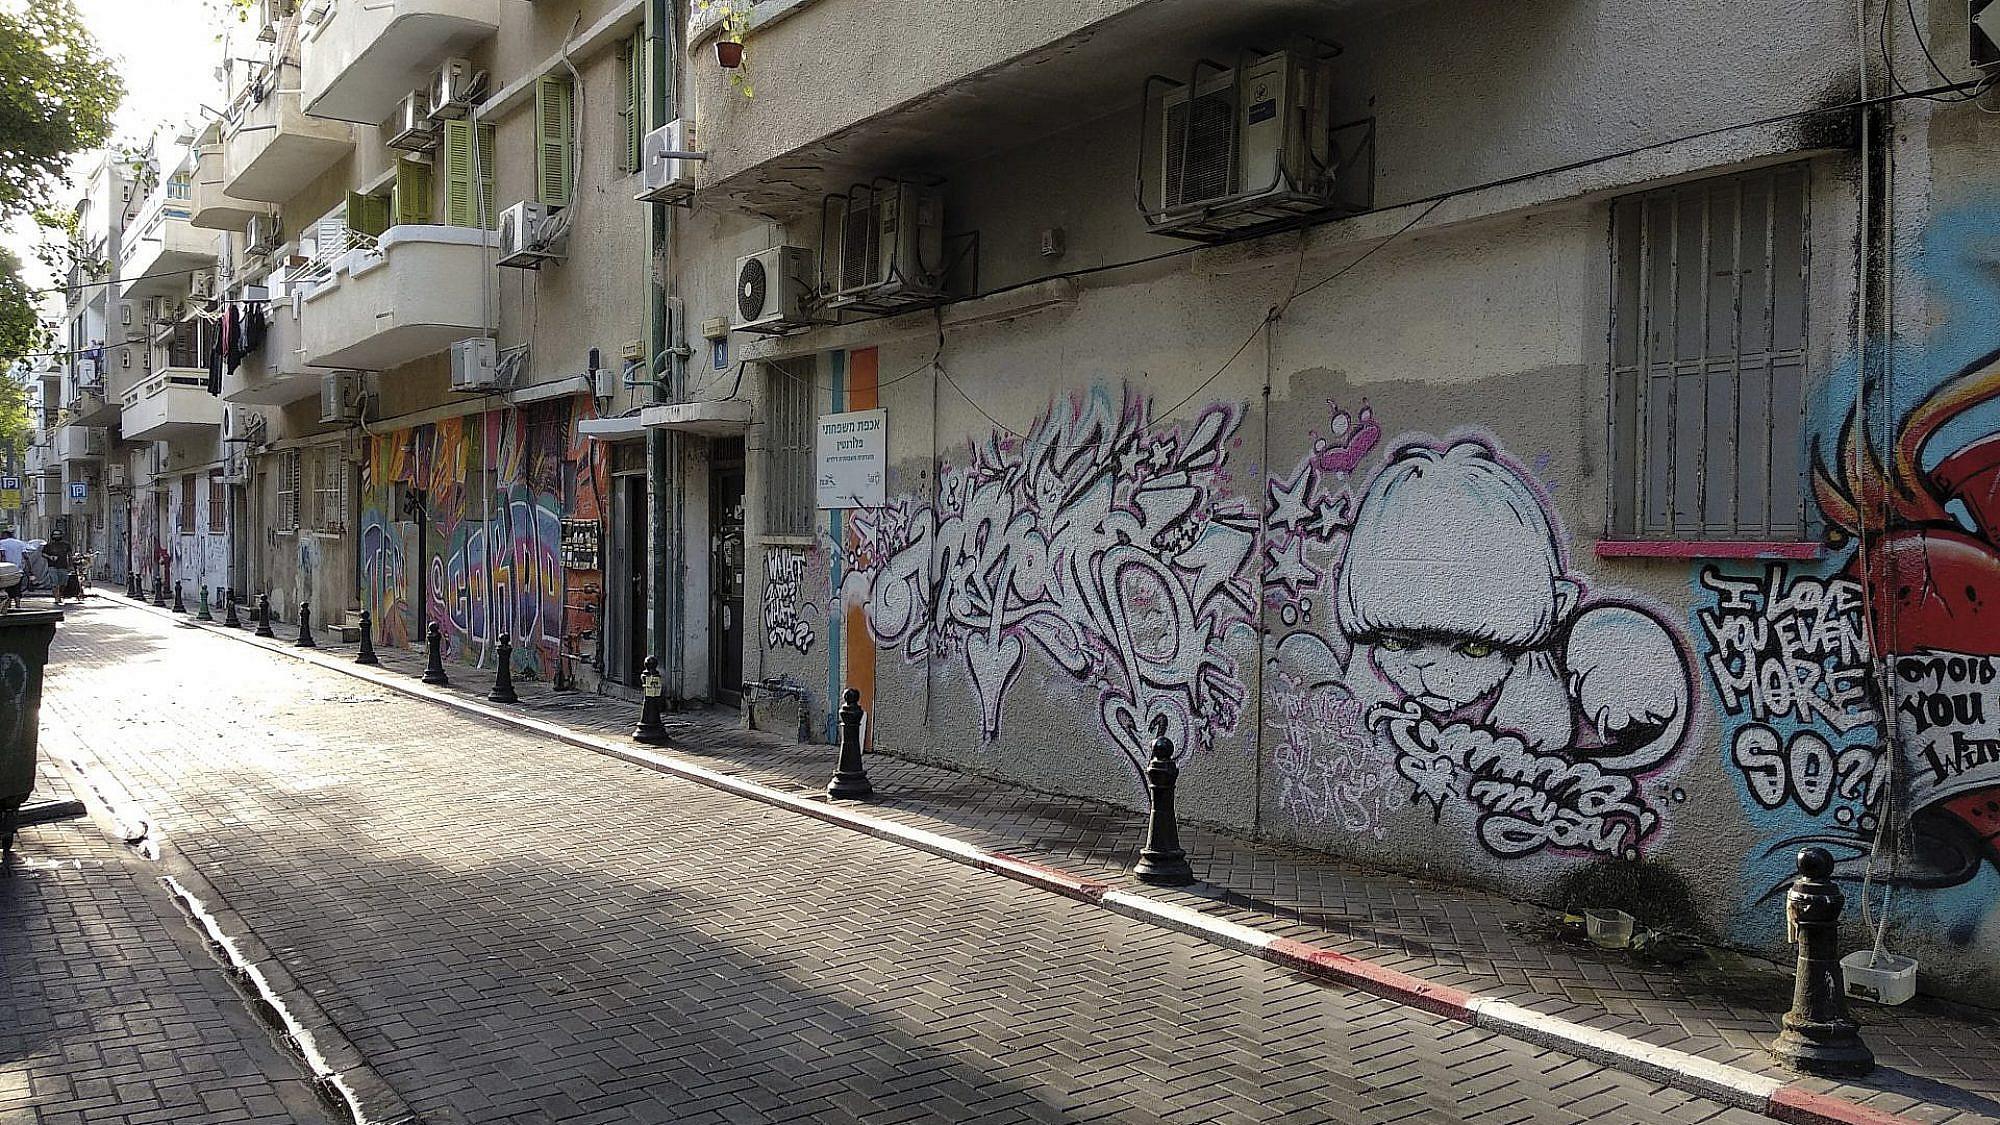 גרפיטי ברחוב קורדוברו בפלורנטין (צילום: נדב נוימן)